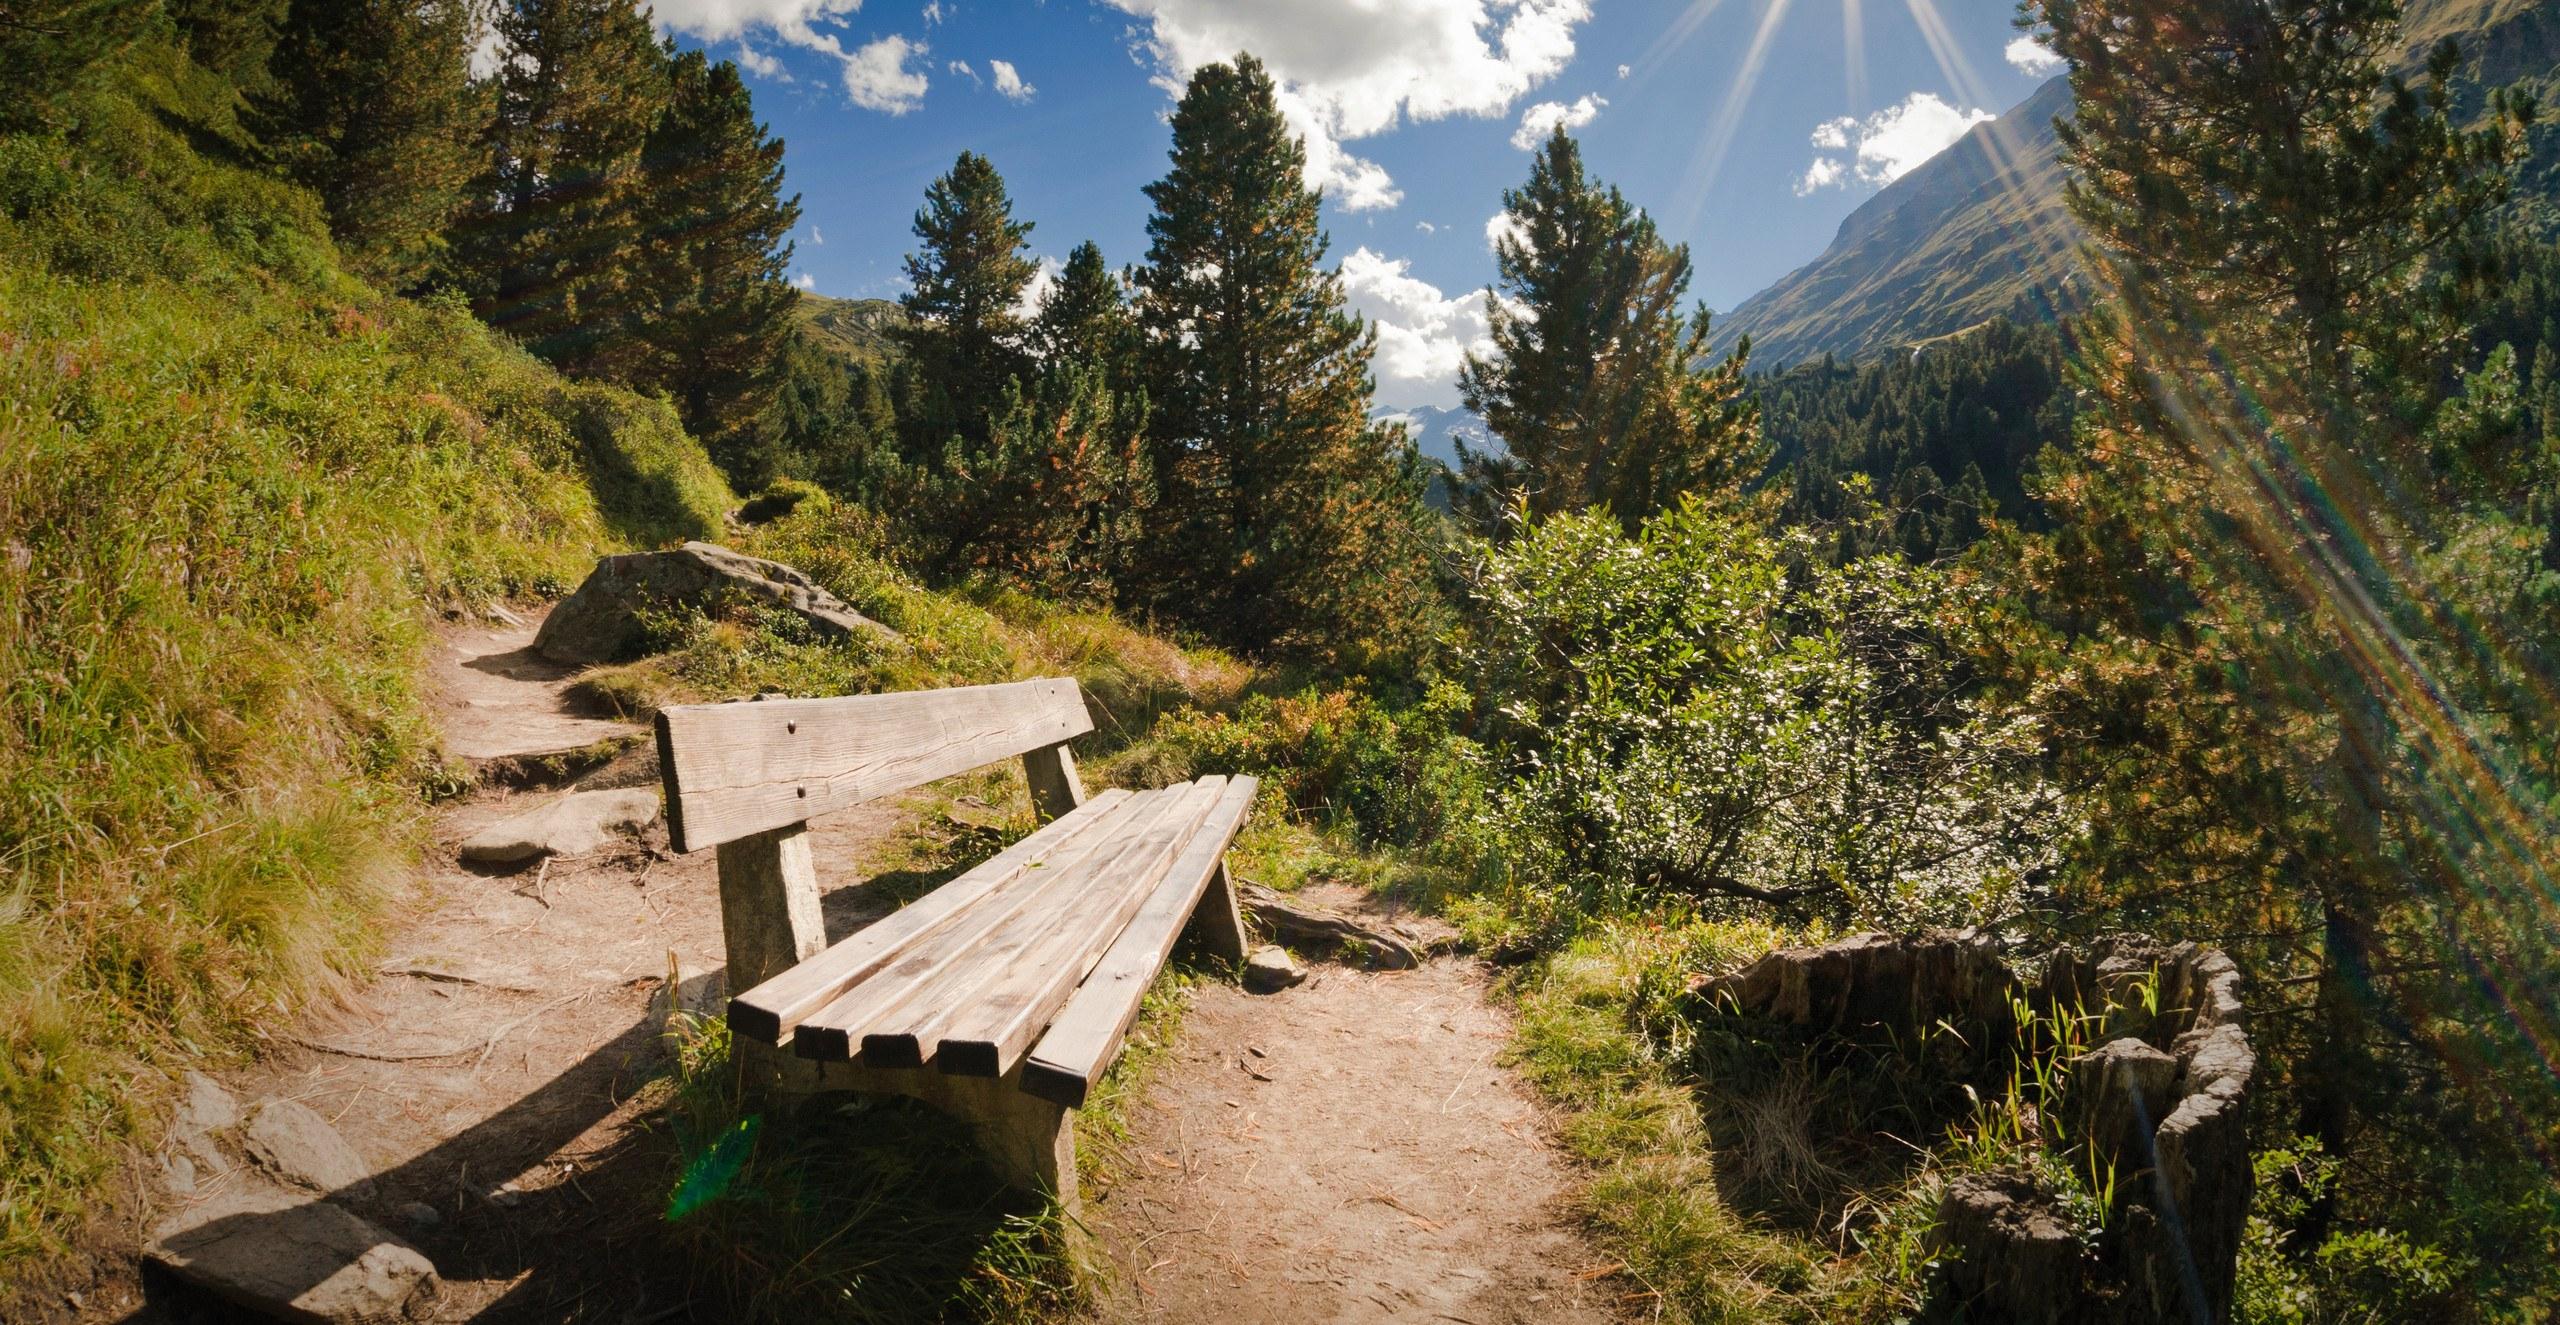 Summer at Chalet Obergurgl